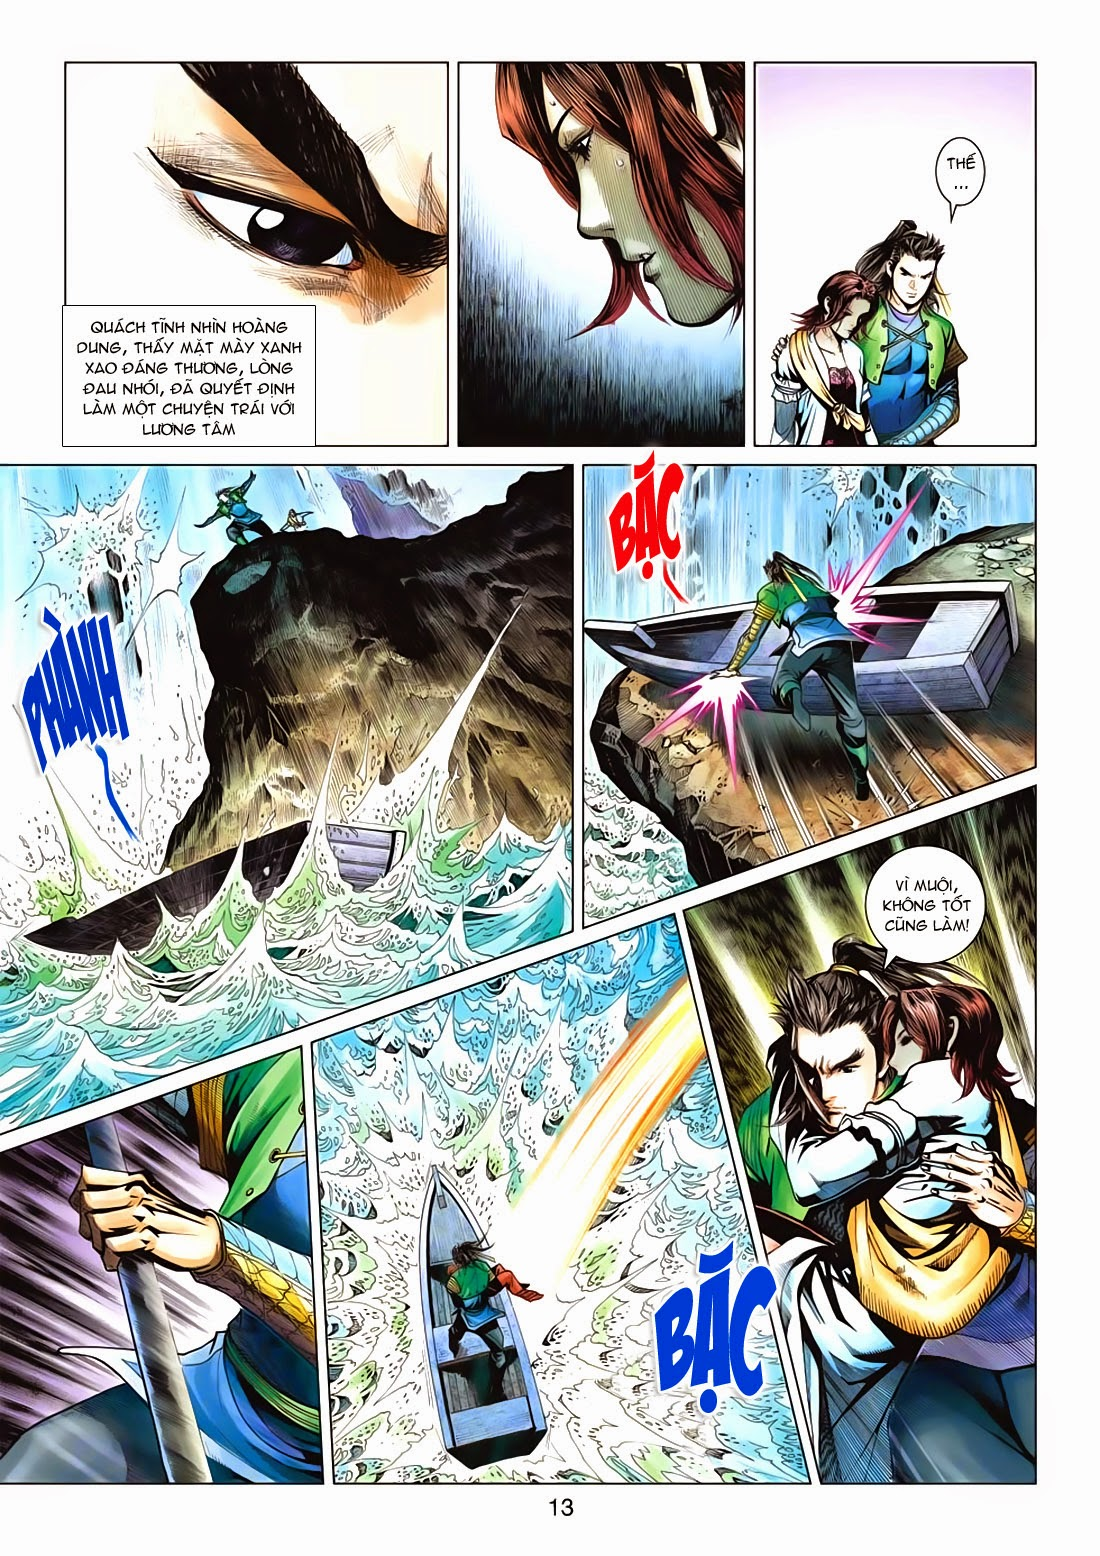 Anh Hùng Xạ Điêu anh hùng xạ đêu chap 72: ngư tiều canh độc trang 13